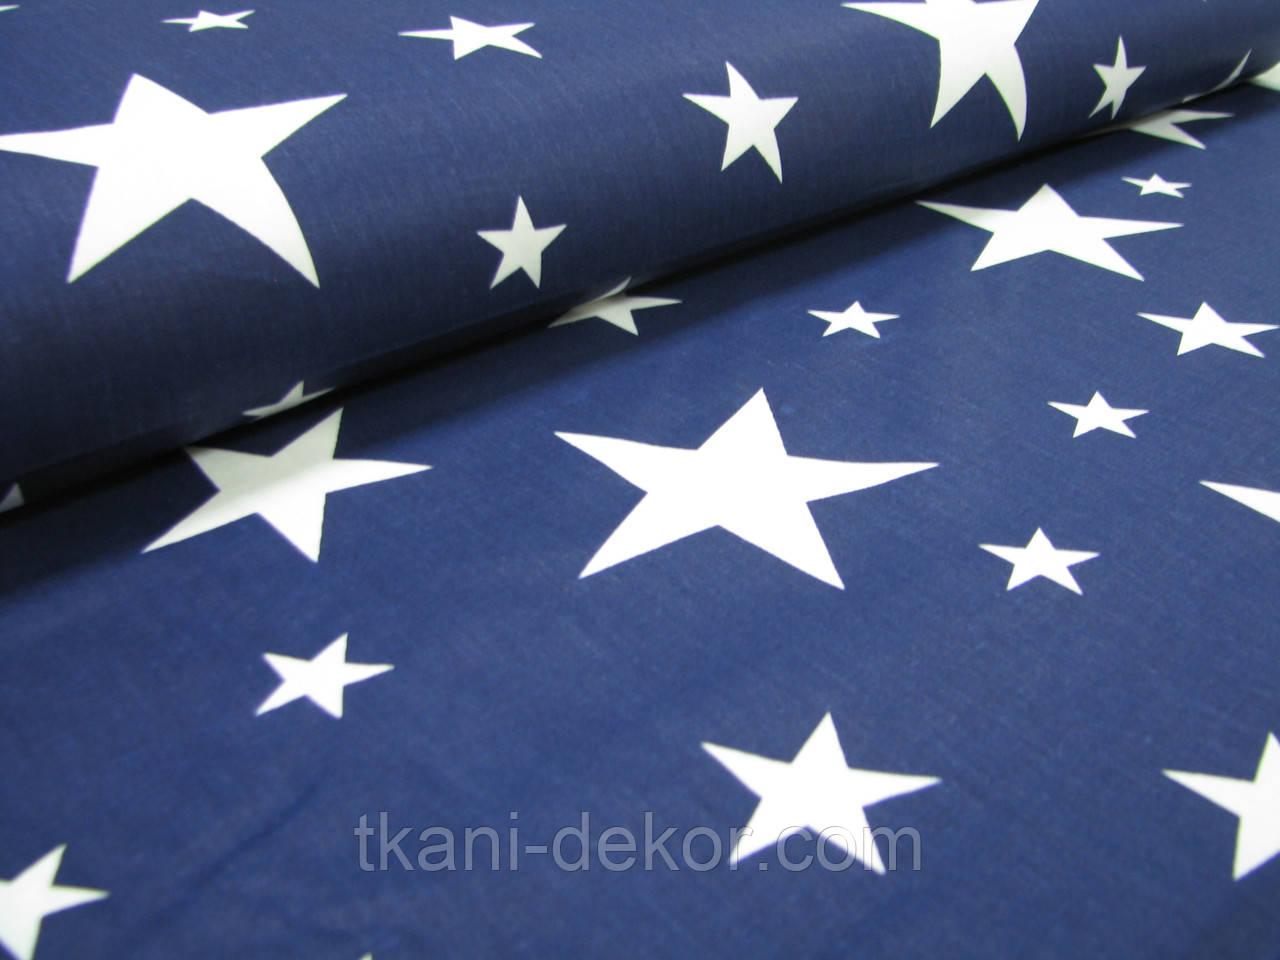 Сатин (хлопковая ткань) на синем фоне белые звезды